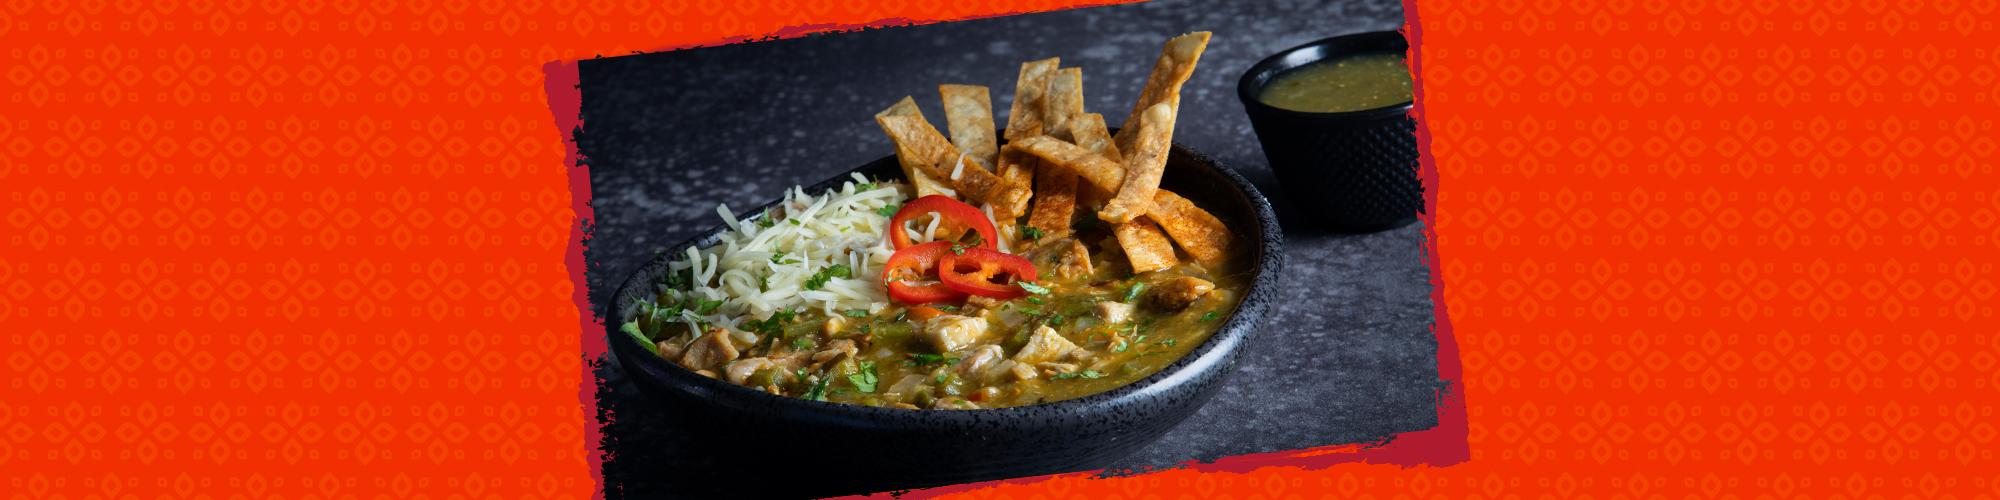 Salsas chicken chili verde